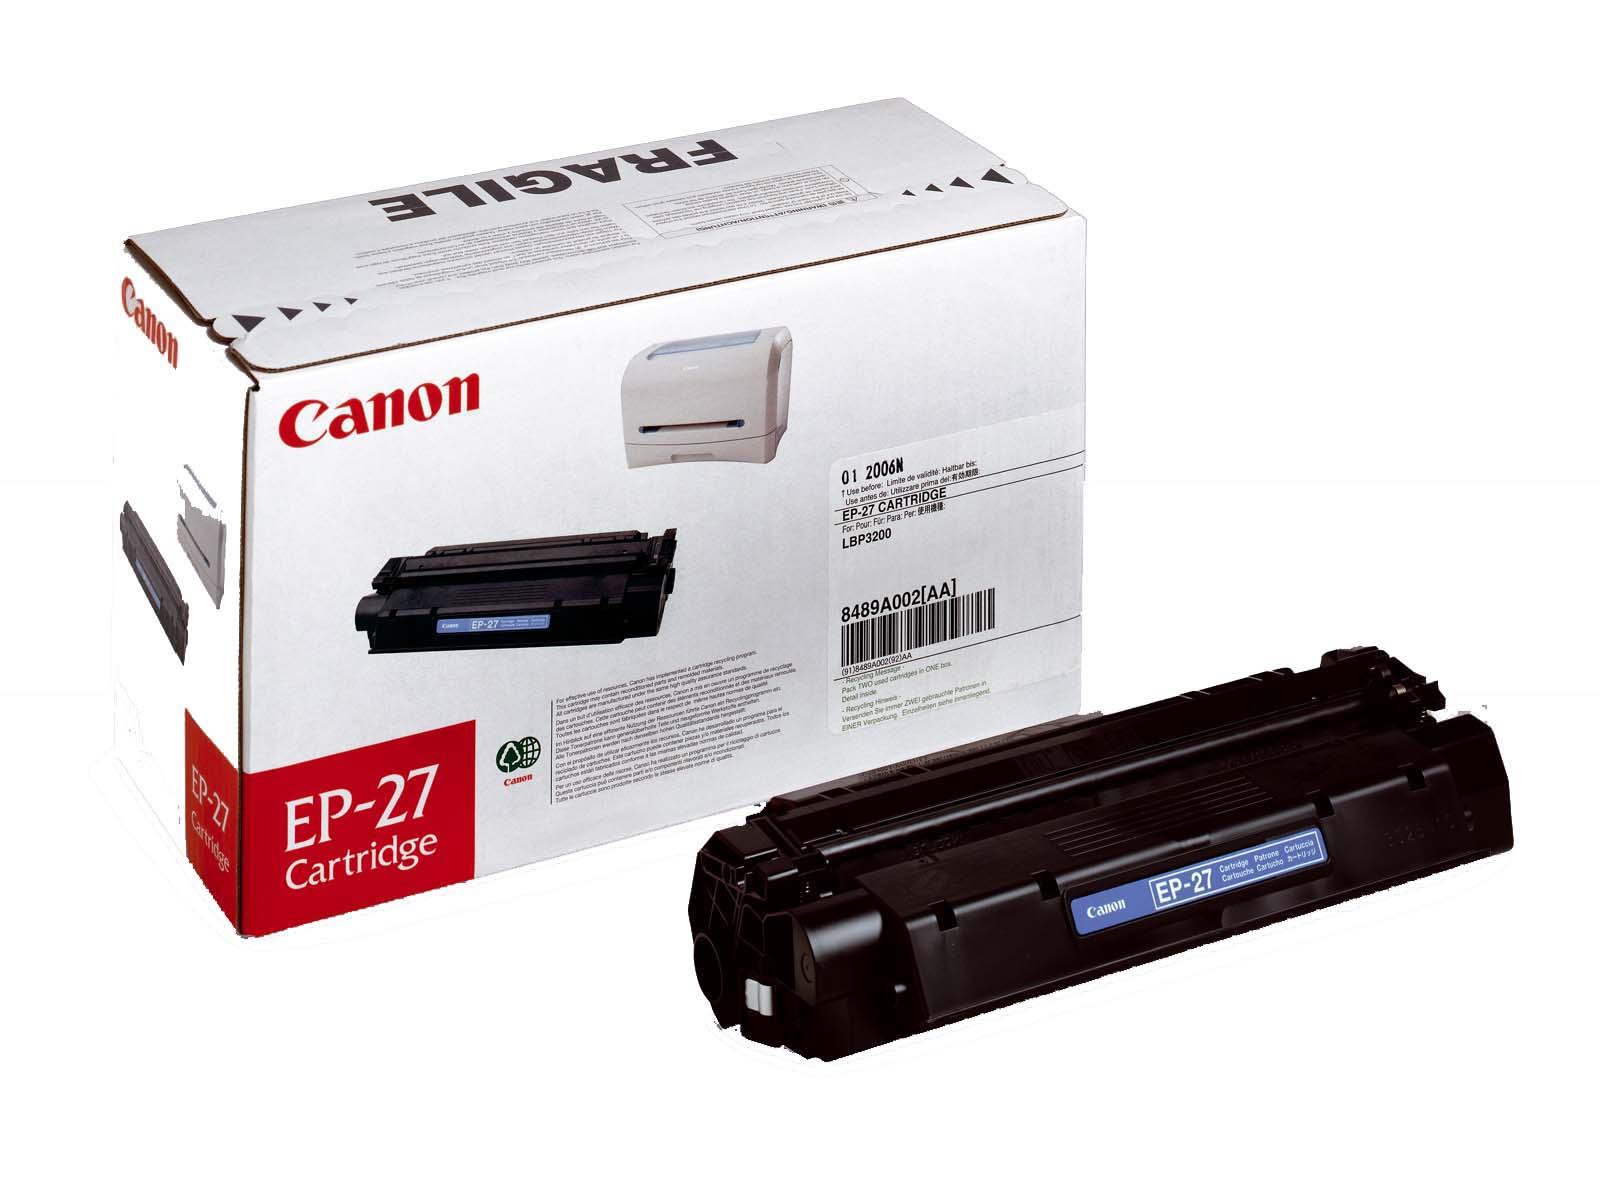 Cаnon EP 27 Расходные материалы для принтеров